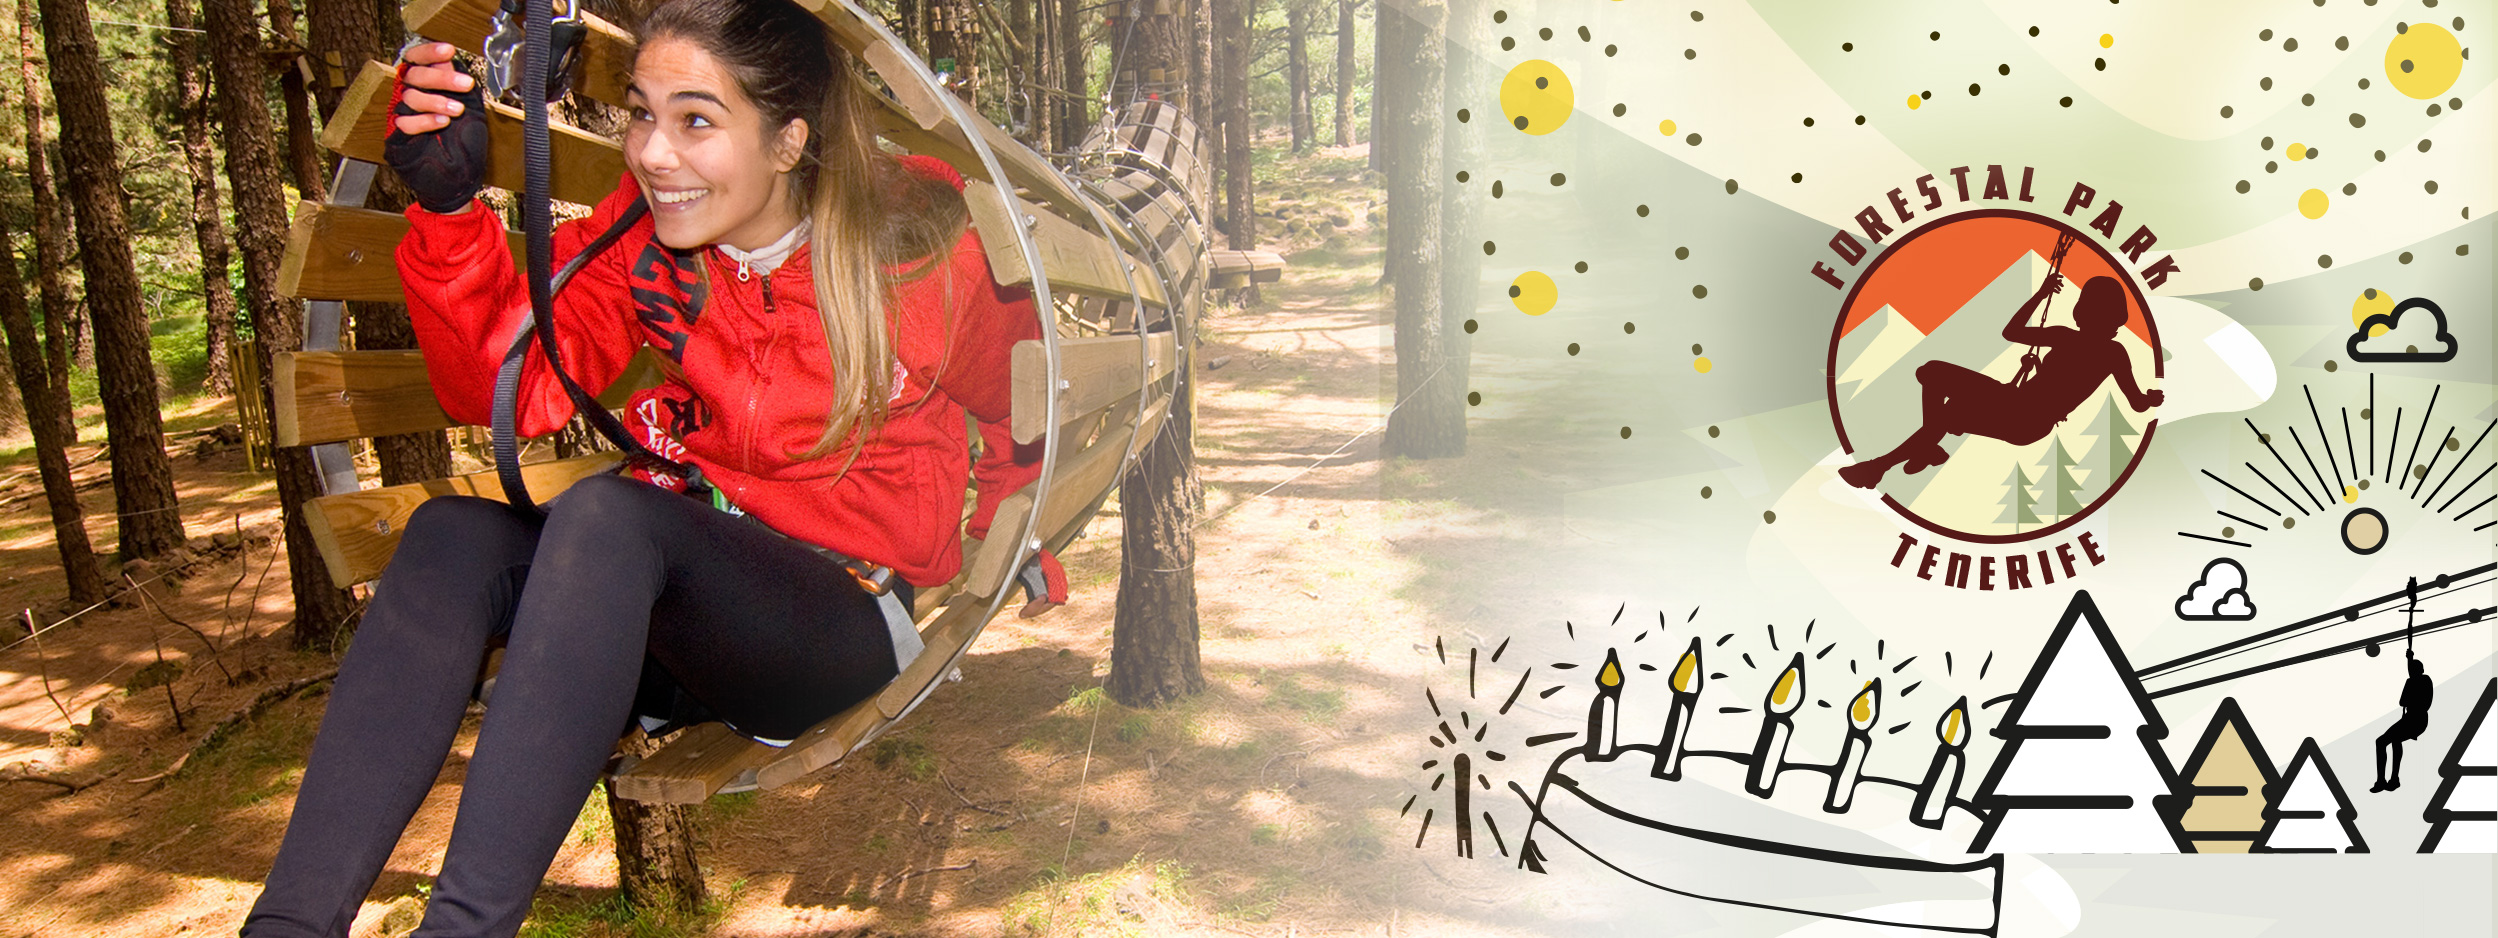 ¡Celebra el cumpleaños más aventurero!